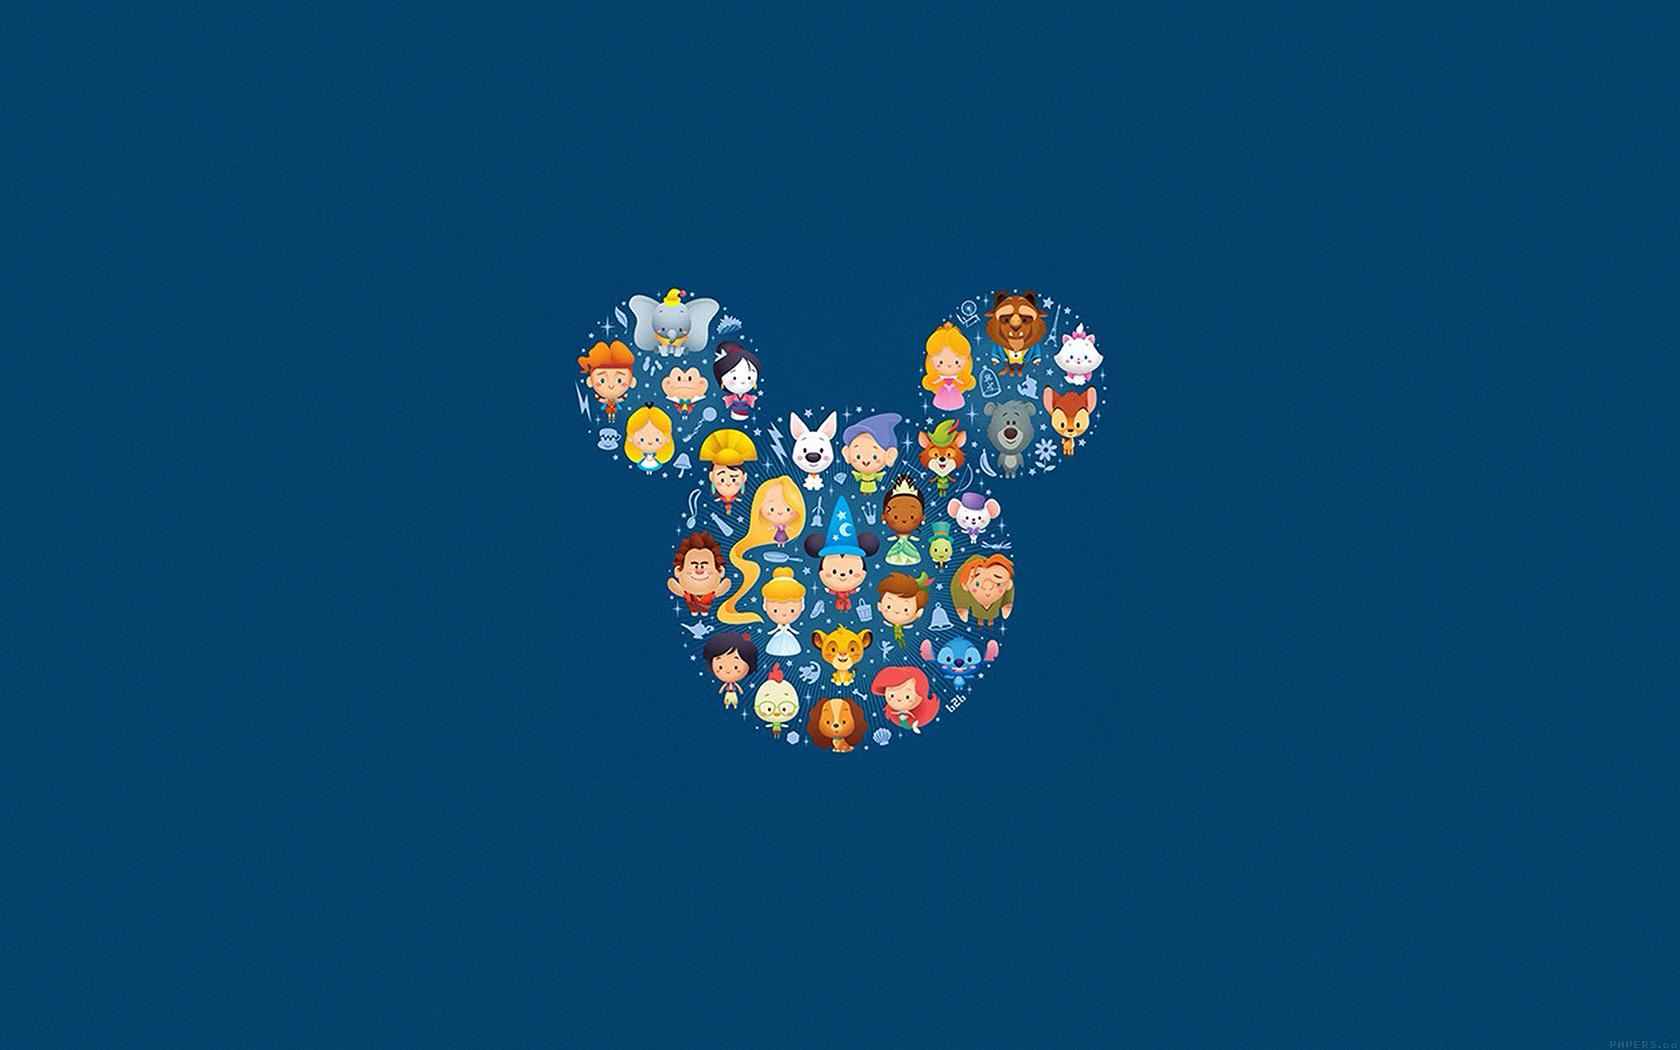 Ah22-disney-art-character-cute-illust